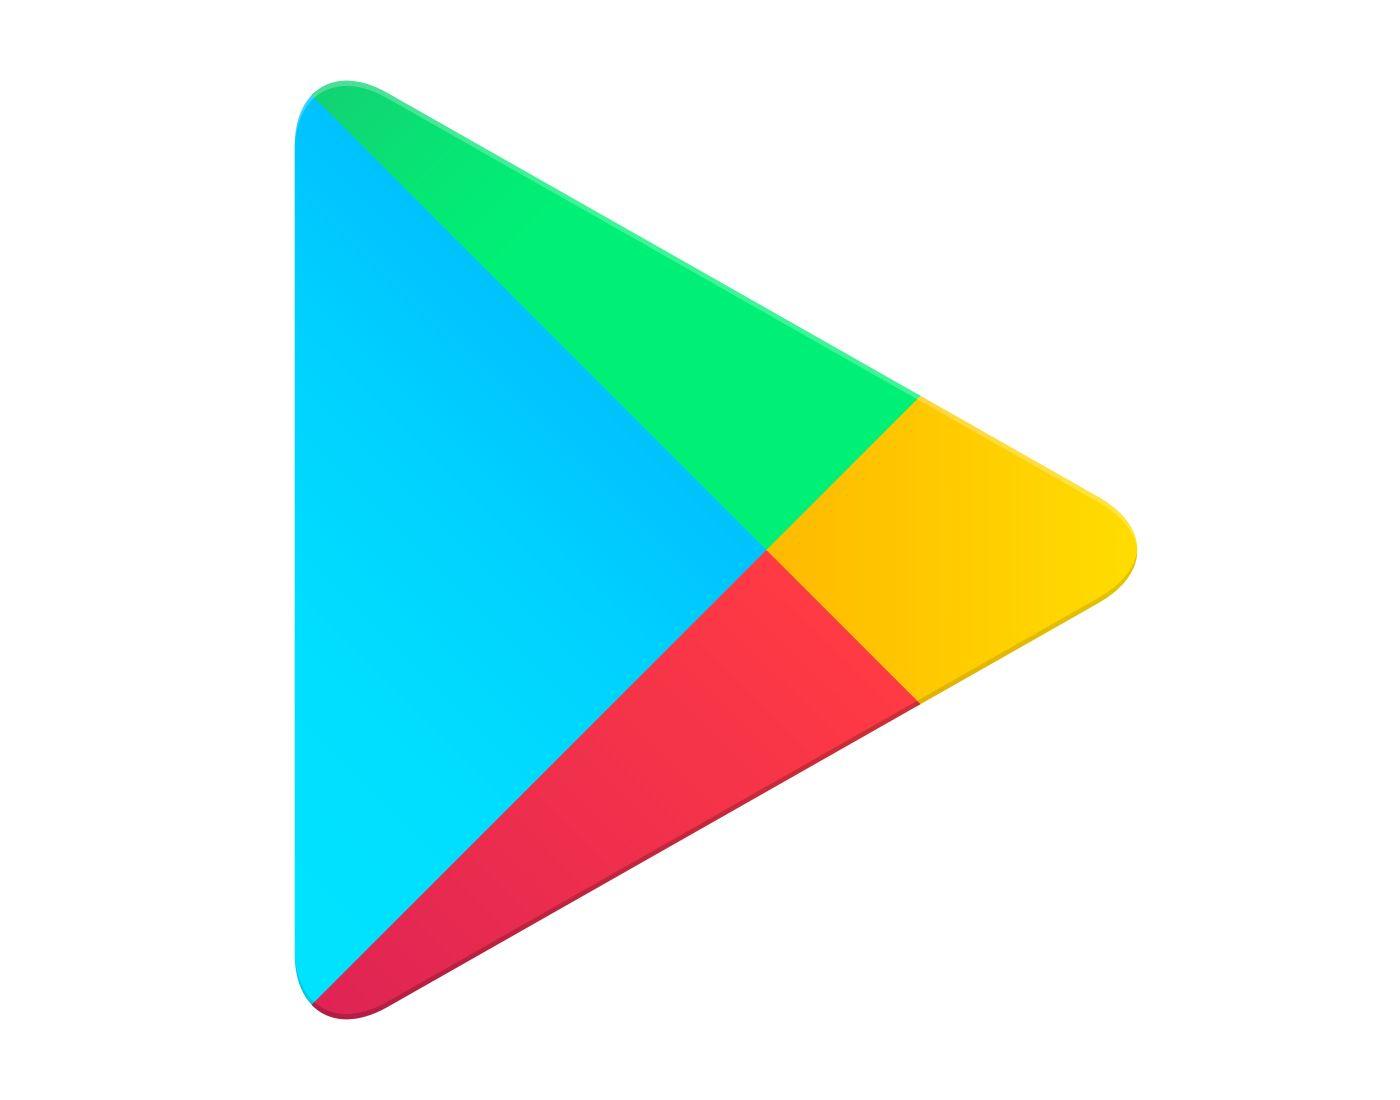 Daftar Game Android Terpopuler